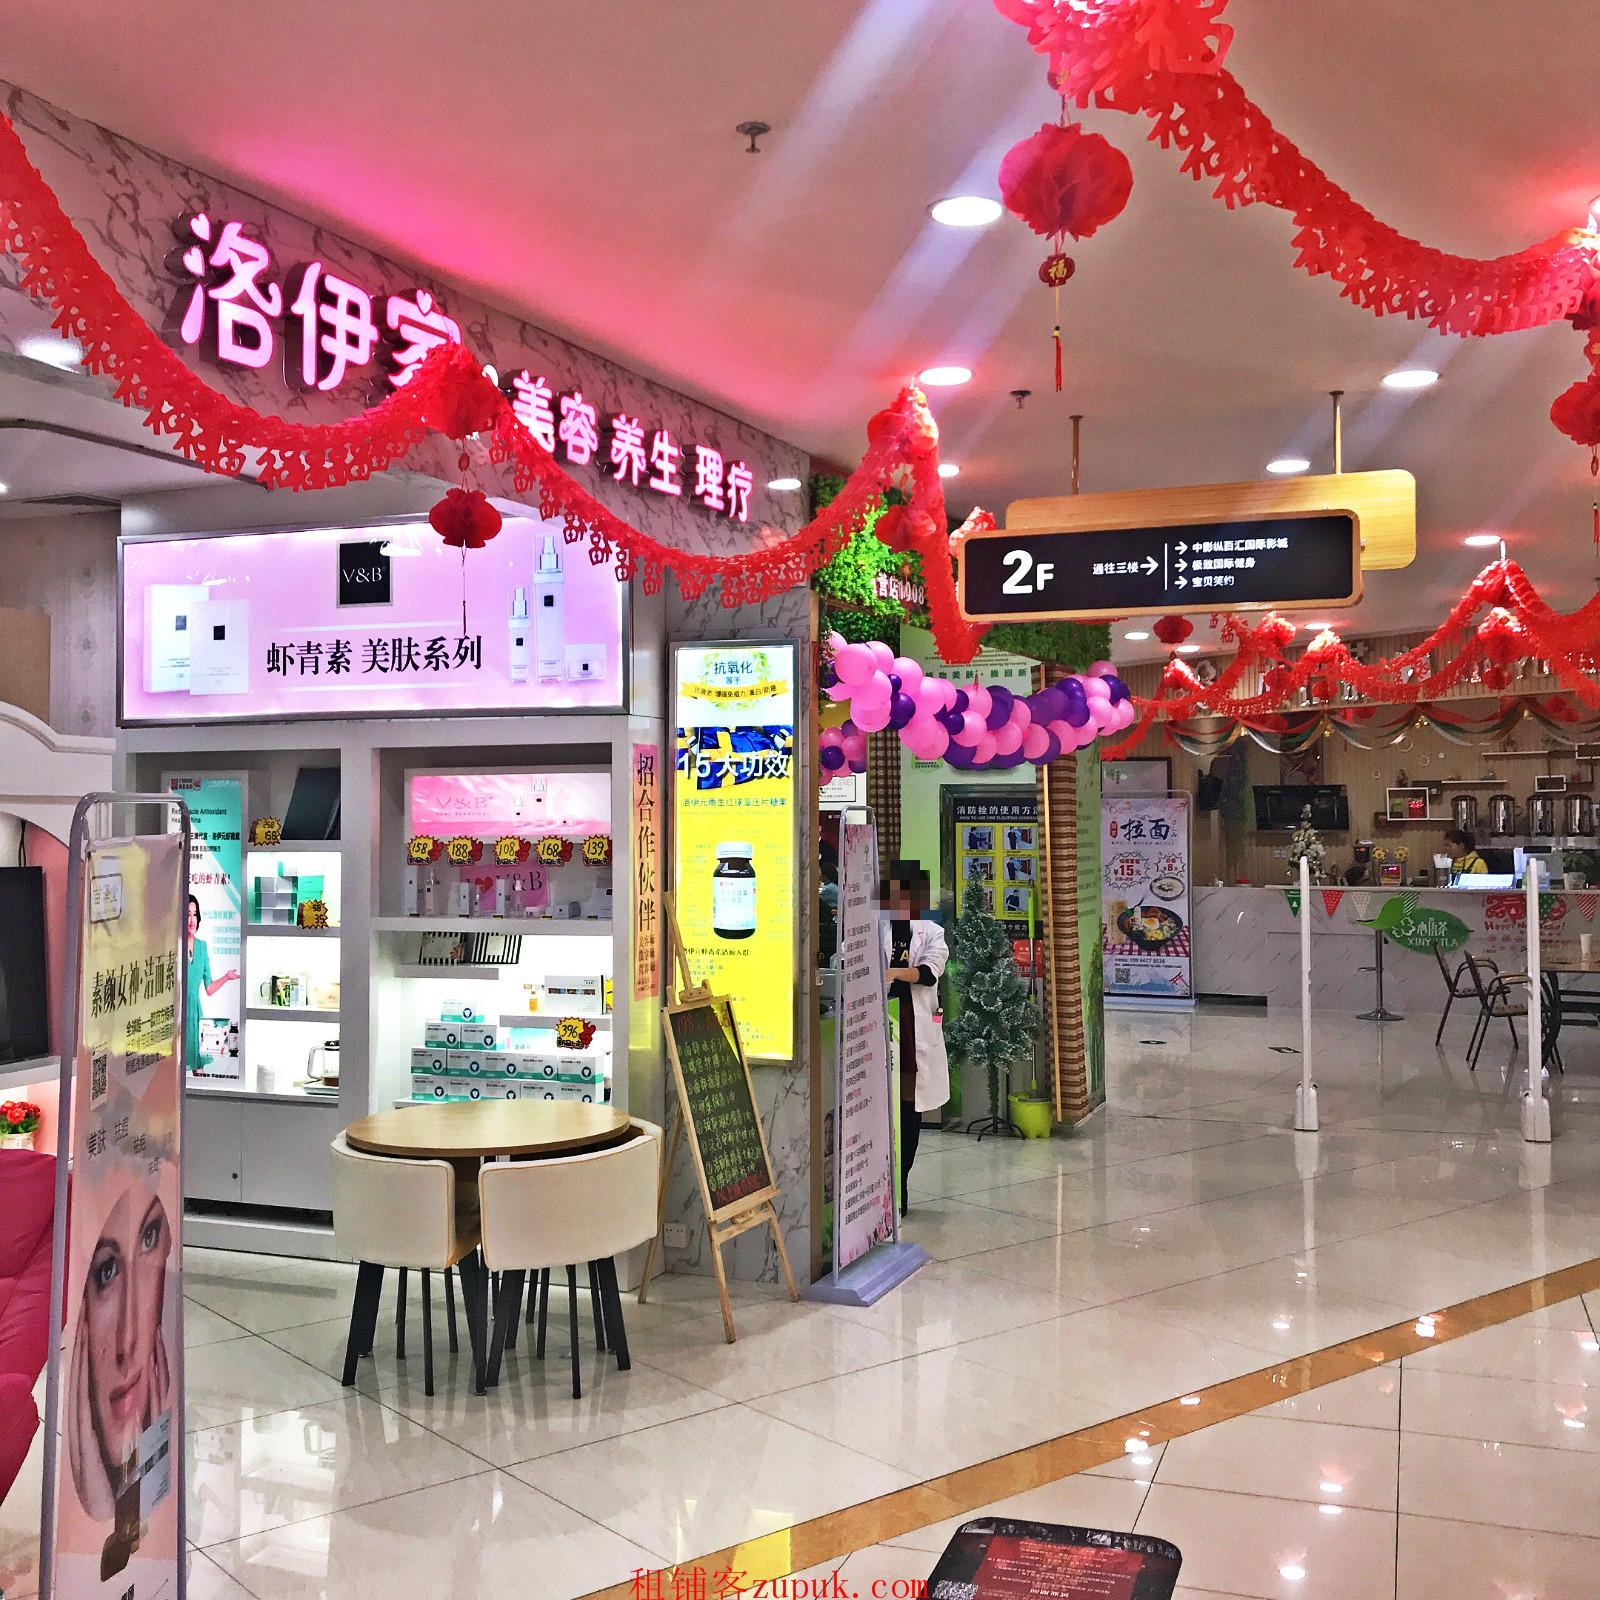 龙腾路永辉超市20平旺铺招合租